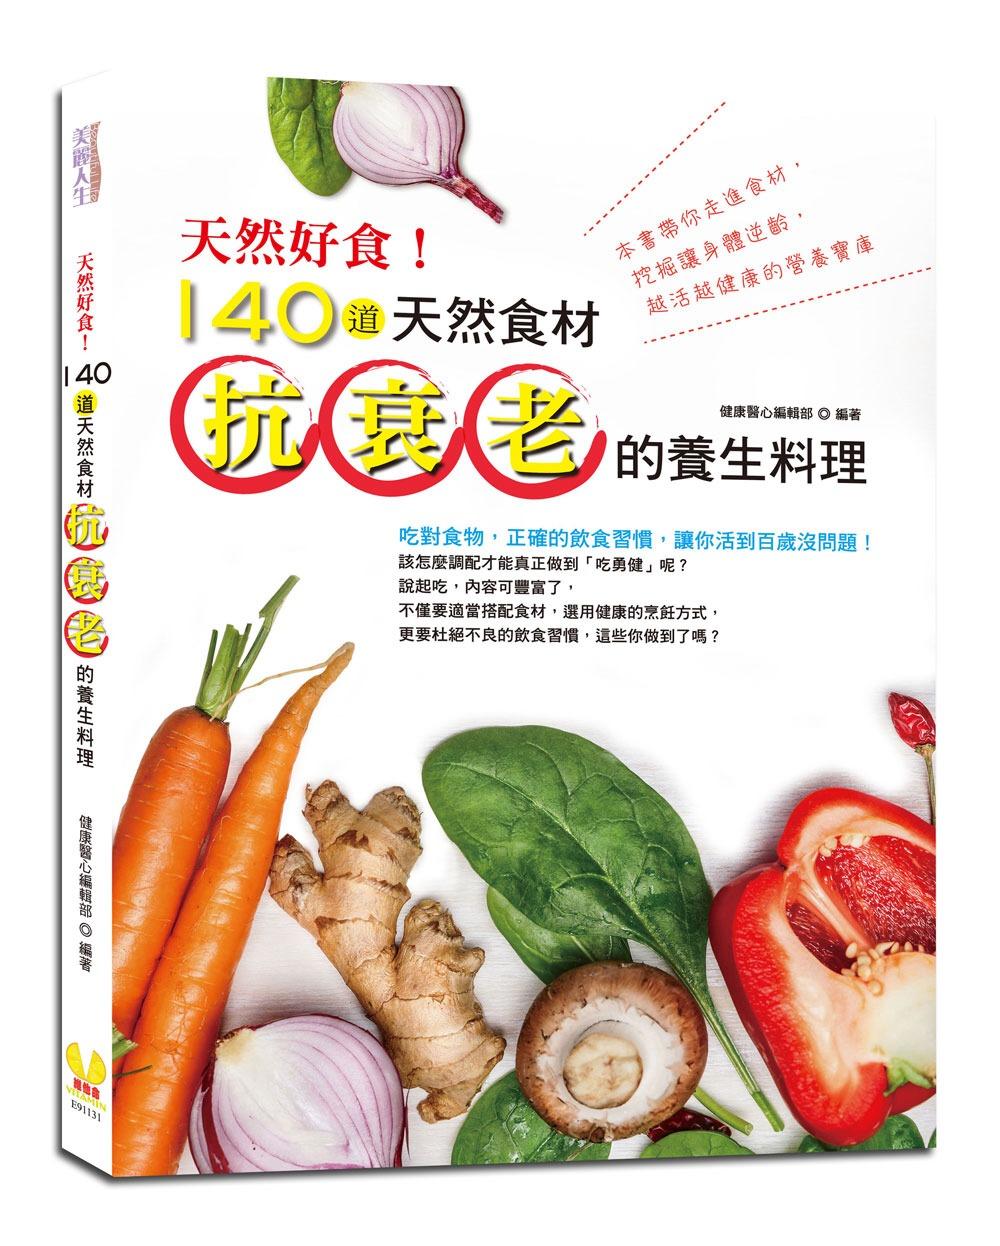 天然好食!140道天然食材抗衰老的養生料理:利用天然食材,達到降壓降脂、益智健腦、強健筋骨功效,啟動體內的抗老分子,讓人越活越年輕